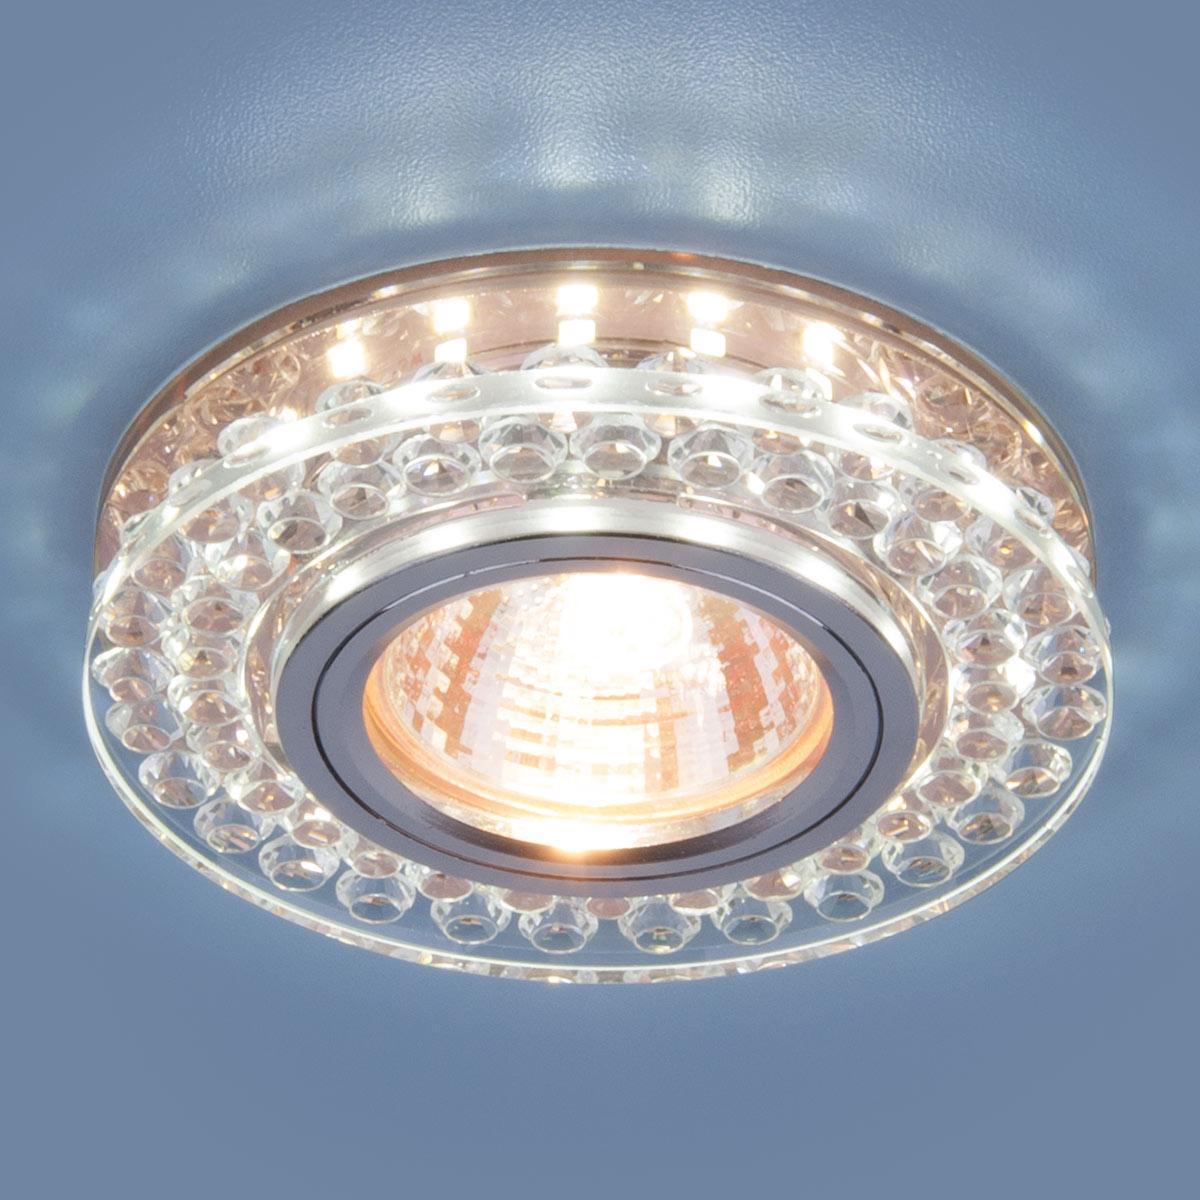 Фото - Встраиваемый светильник Elektrostandard 8381 MR16 CL/GC прозрачный/тонированный 4690389098338 cветильник галогенный de fran встраиваемый 1х50вт mr16 ip20 зел античное золото